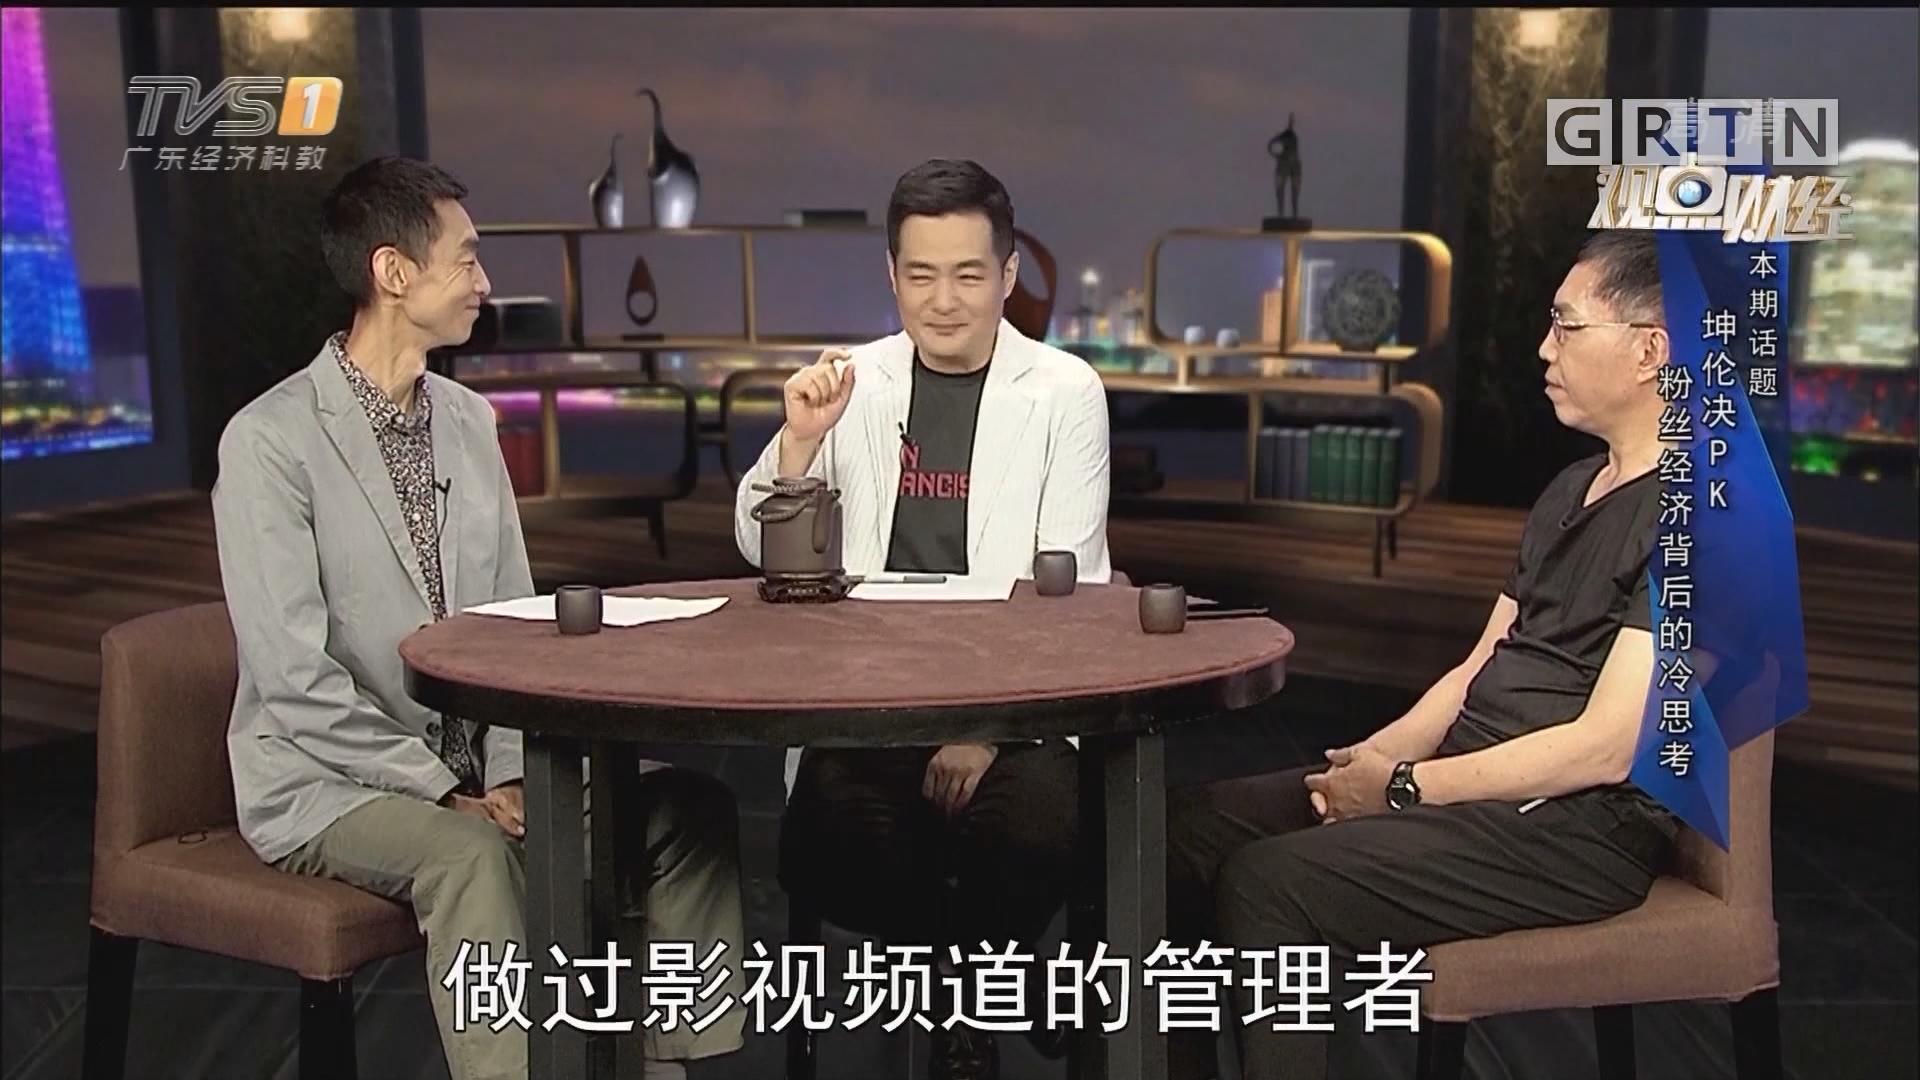 [HD][2019-08-11]观点财经:坤伦决PK 粉丝经济背后的冷思考